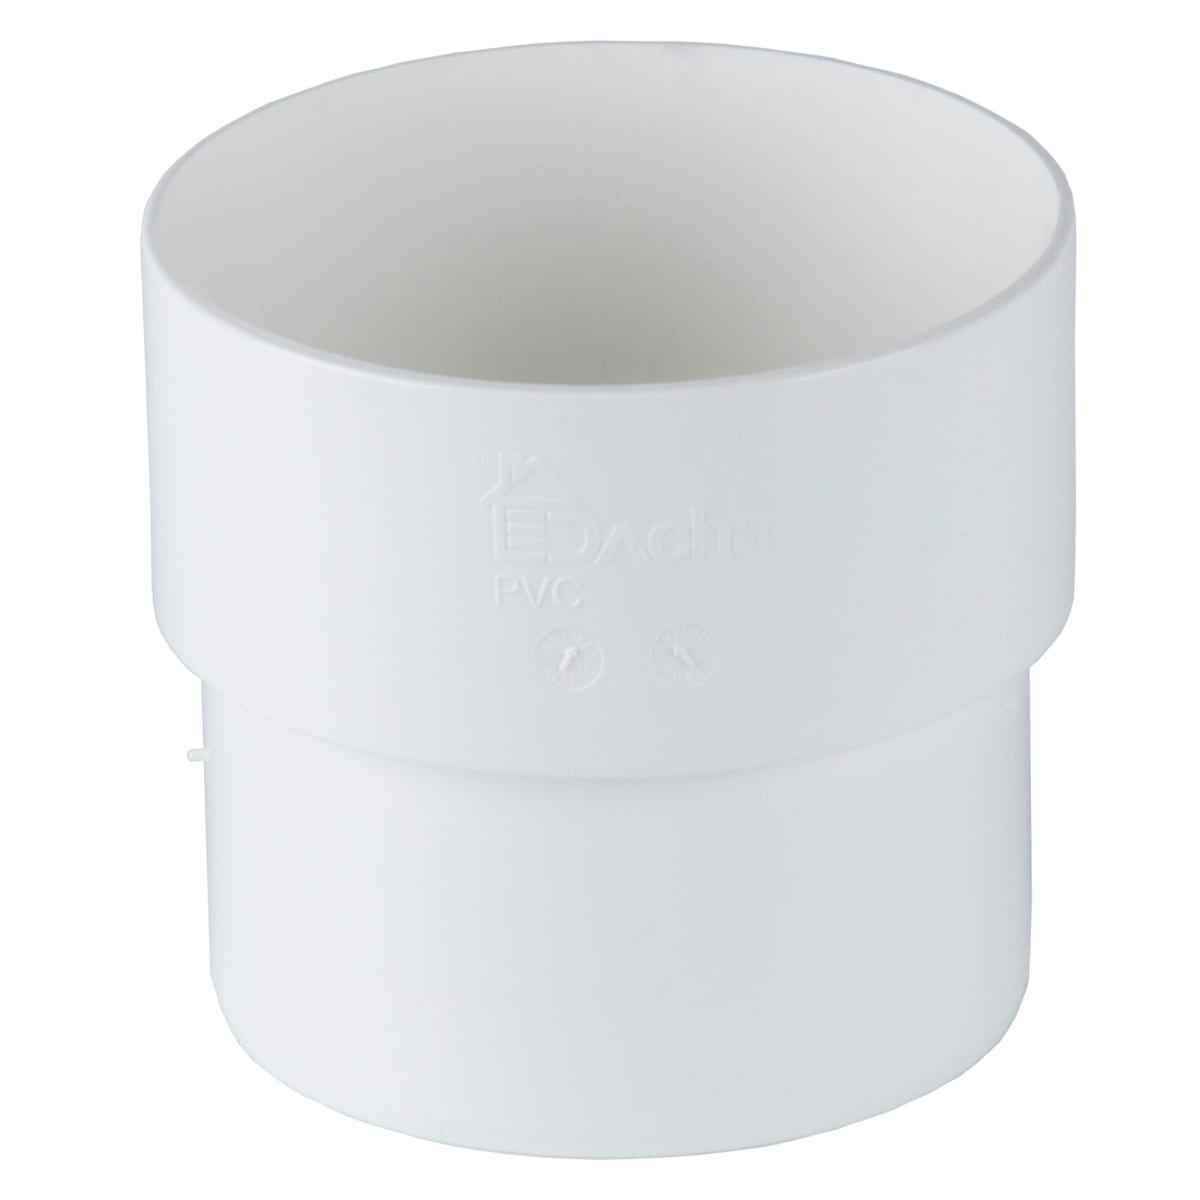 Муфта соединительная Dacha 80 мм цвет белый